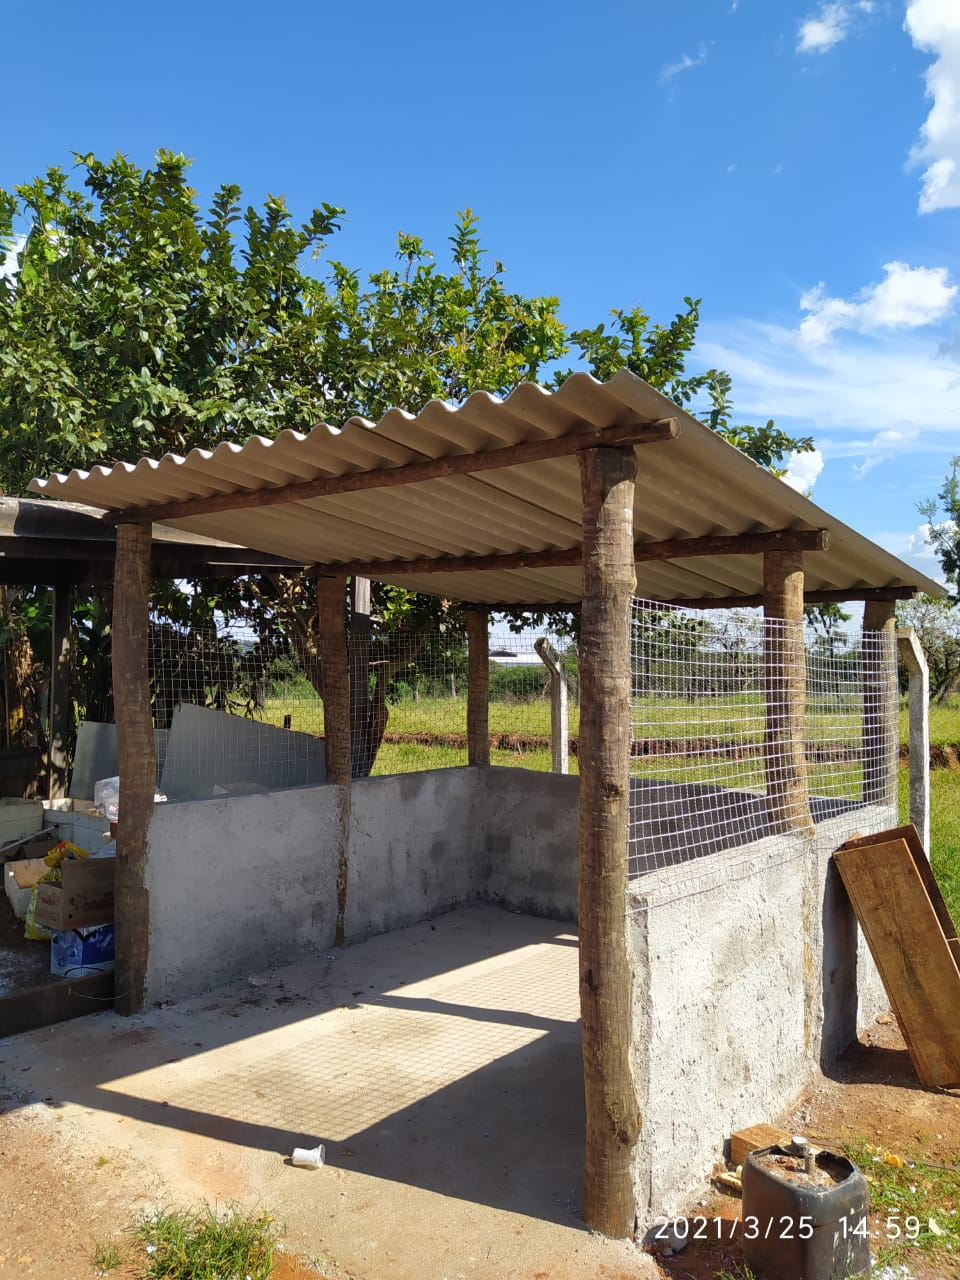 Programa de Coleta Seletiva é financiado com recursos da cobrança do Rio Paranaíba